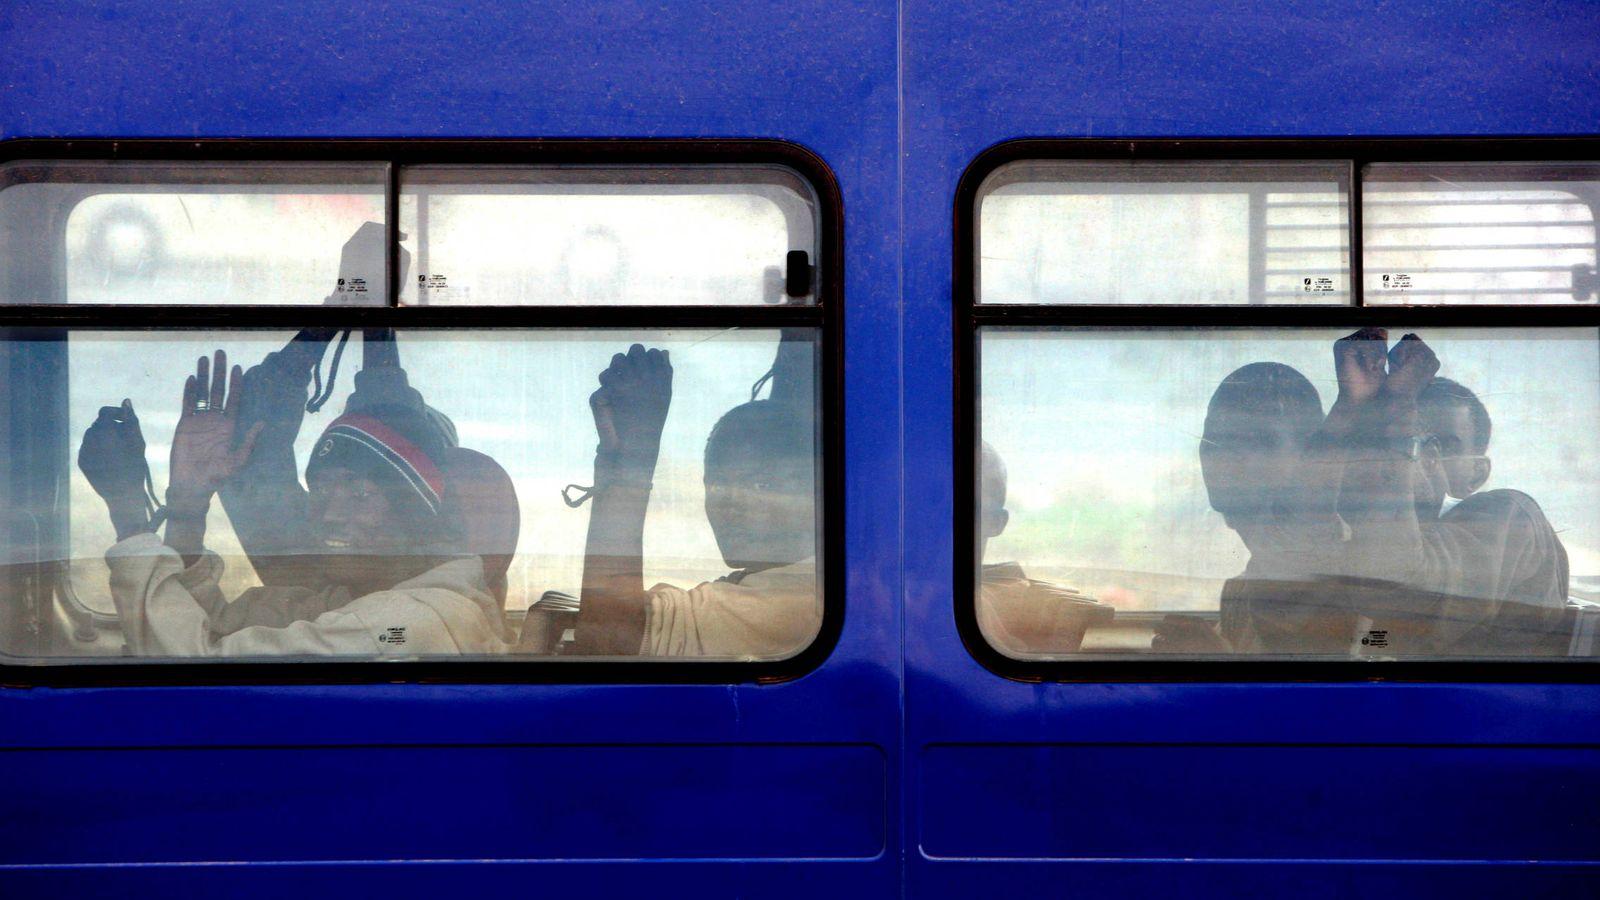 Foto: Septiembre de 2006: un grupo de inmigrantes es transferido del CIE 'El Matorral' al aeropuerto de Fuerteventura. REUTERS/Juan Medina